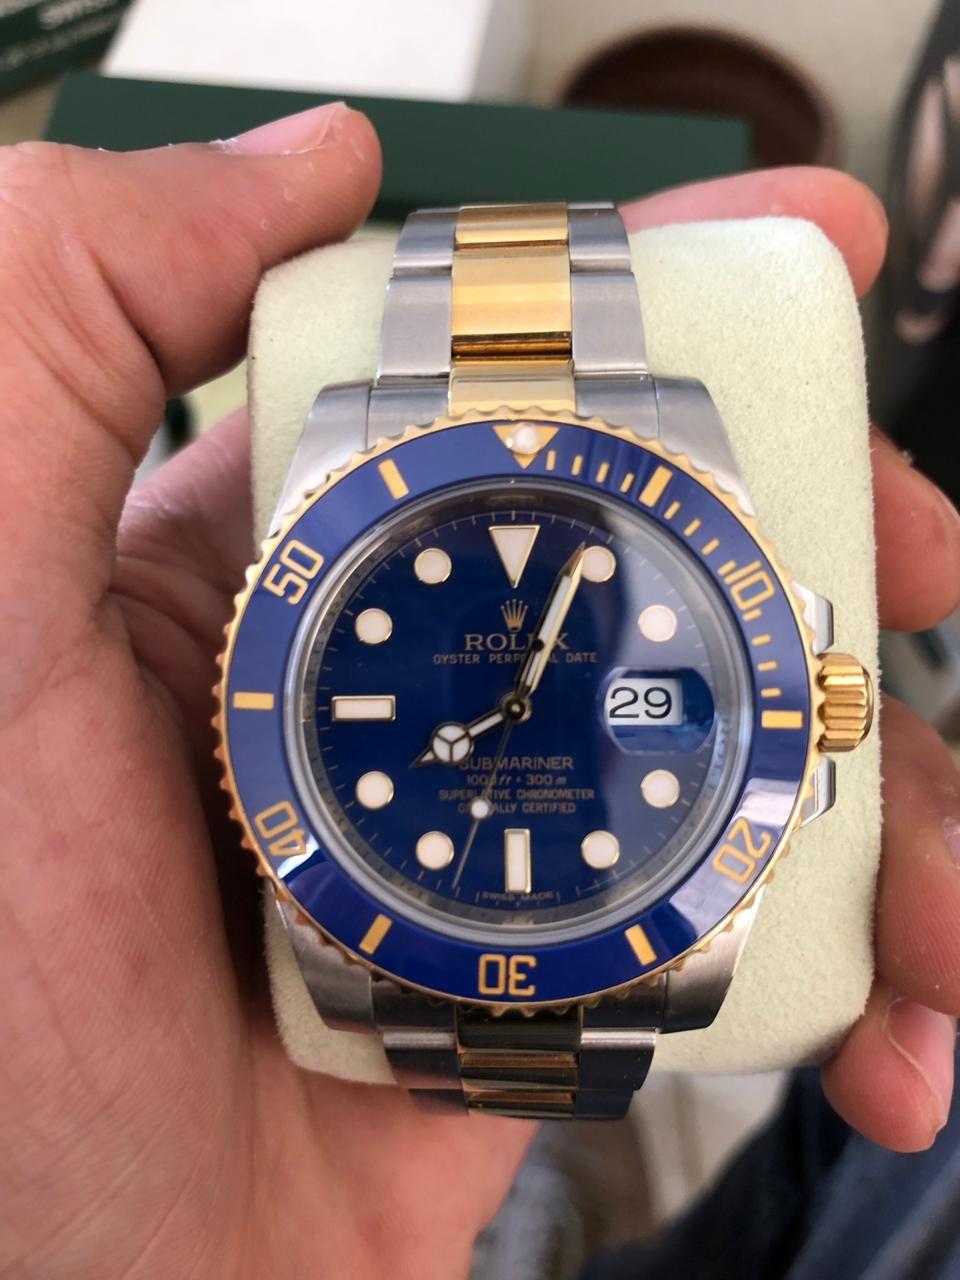 شراء ساعه رولكس اصليه Rolex Watches Rolex Accessories